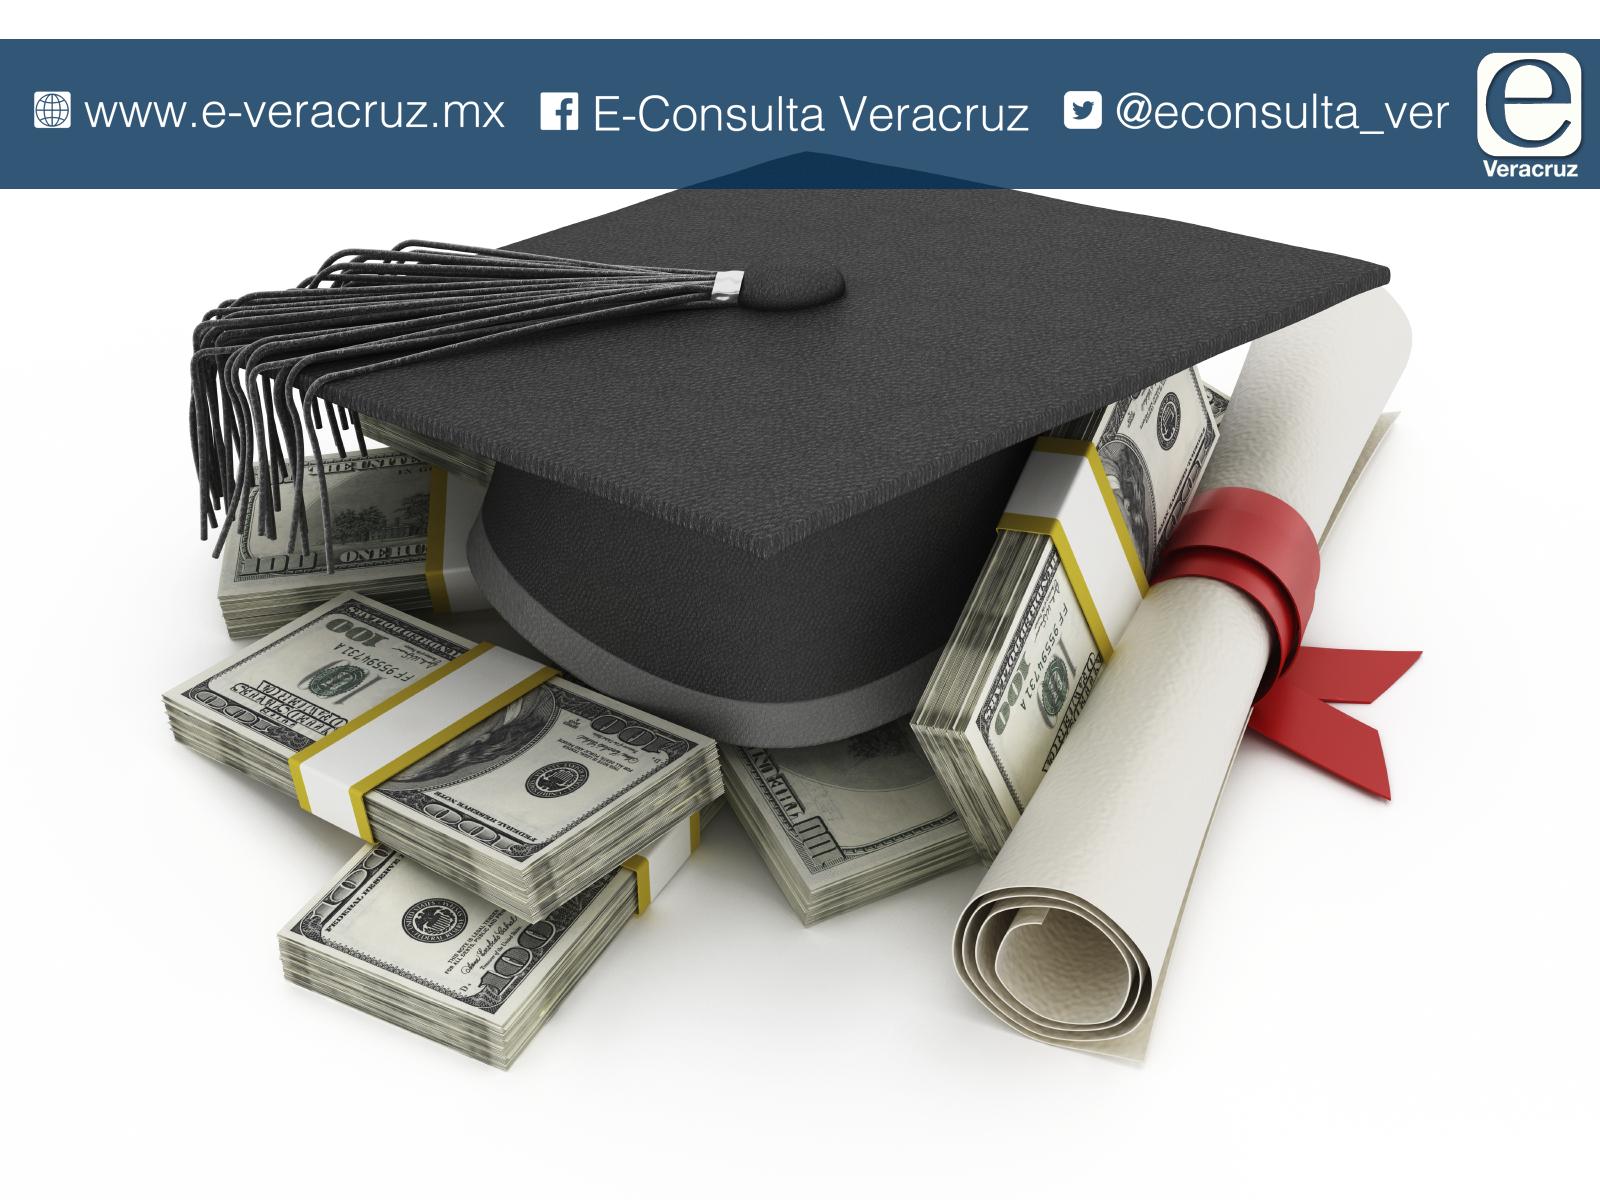 De seis a 100 mil pesos cuesta el semestre en las universidades privadas